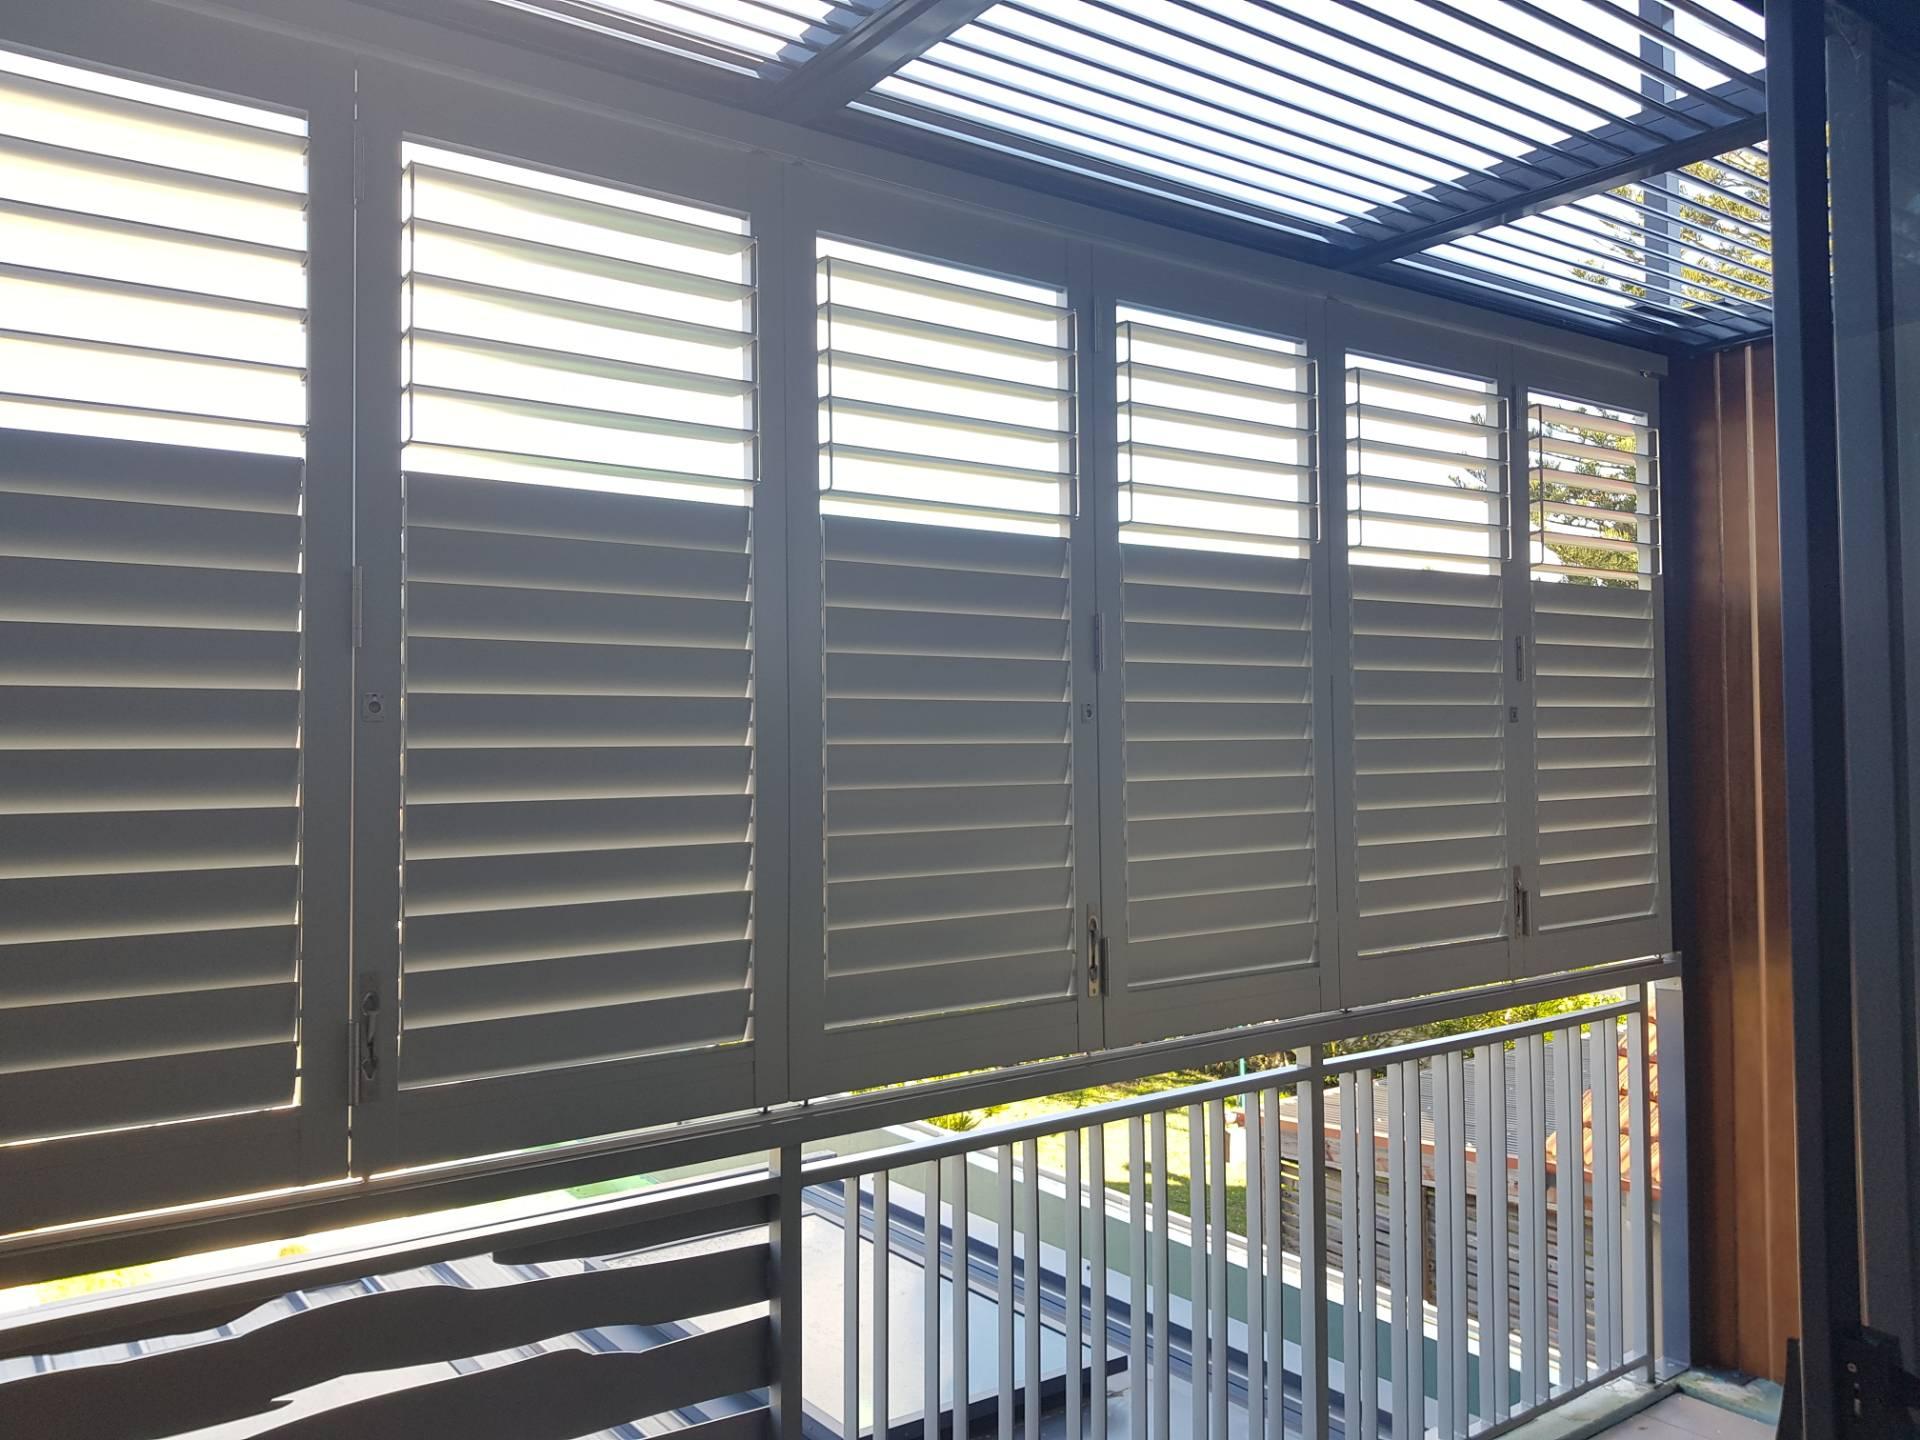 PVC window shutters